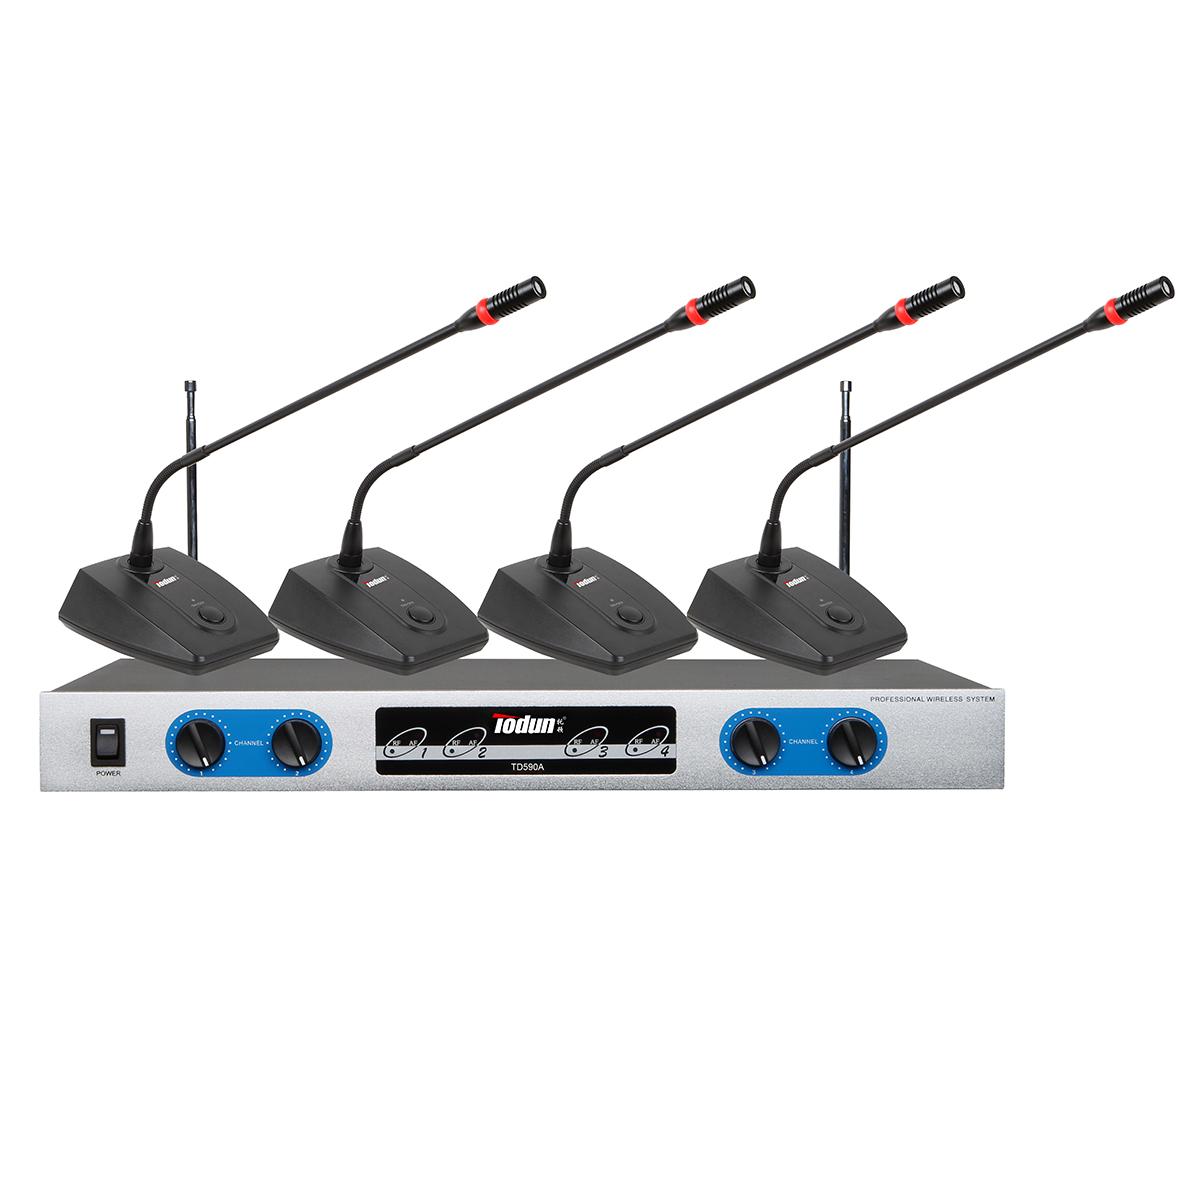 V段定频 无线会议话筒 鹅颈话筒TD590A会议系统 托顿一拖四套无线麦克风